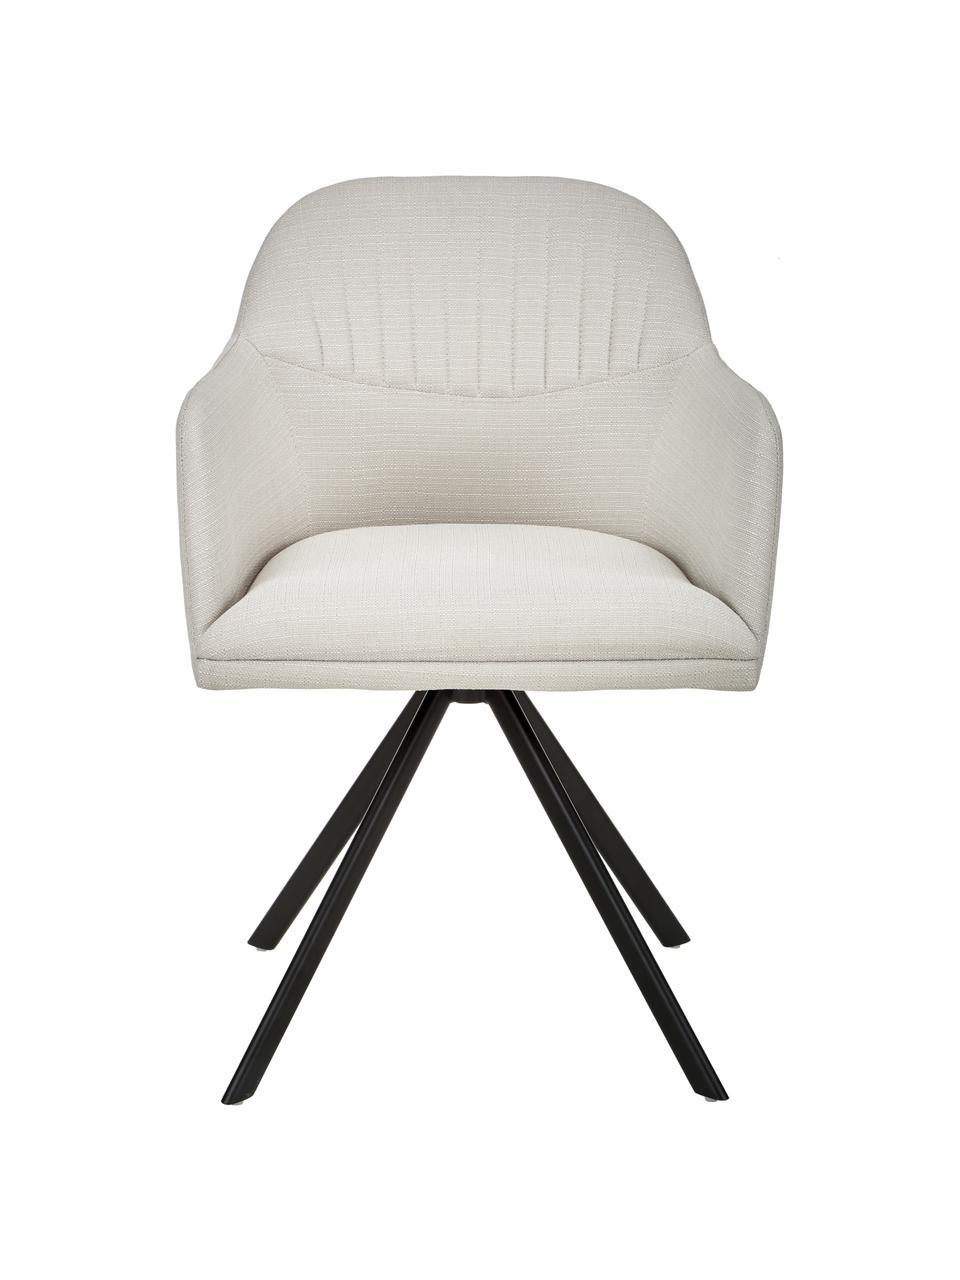 Polster-Drehstuhl Lola mit Armlehne, Bezug: Polyester, Füße: Metall, pulverbeschichtet, Webstoff Cremeweiß, Beine Schwarz, B 55 x T 52 cm